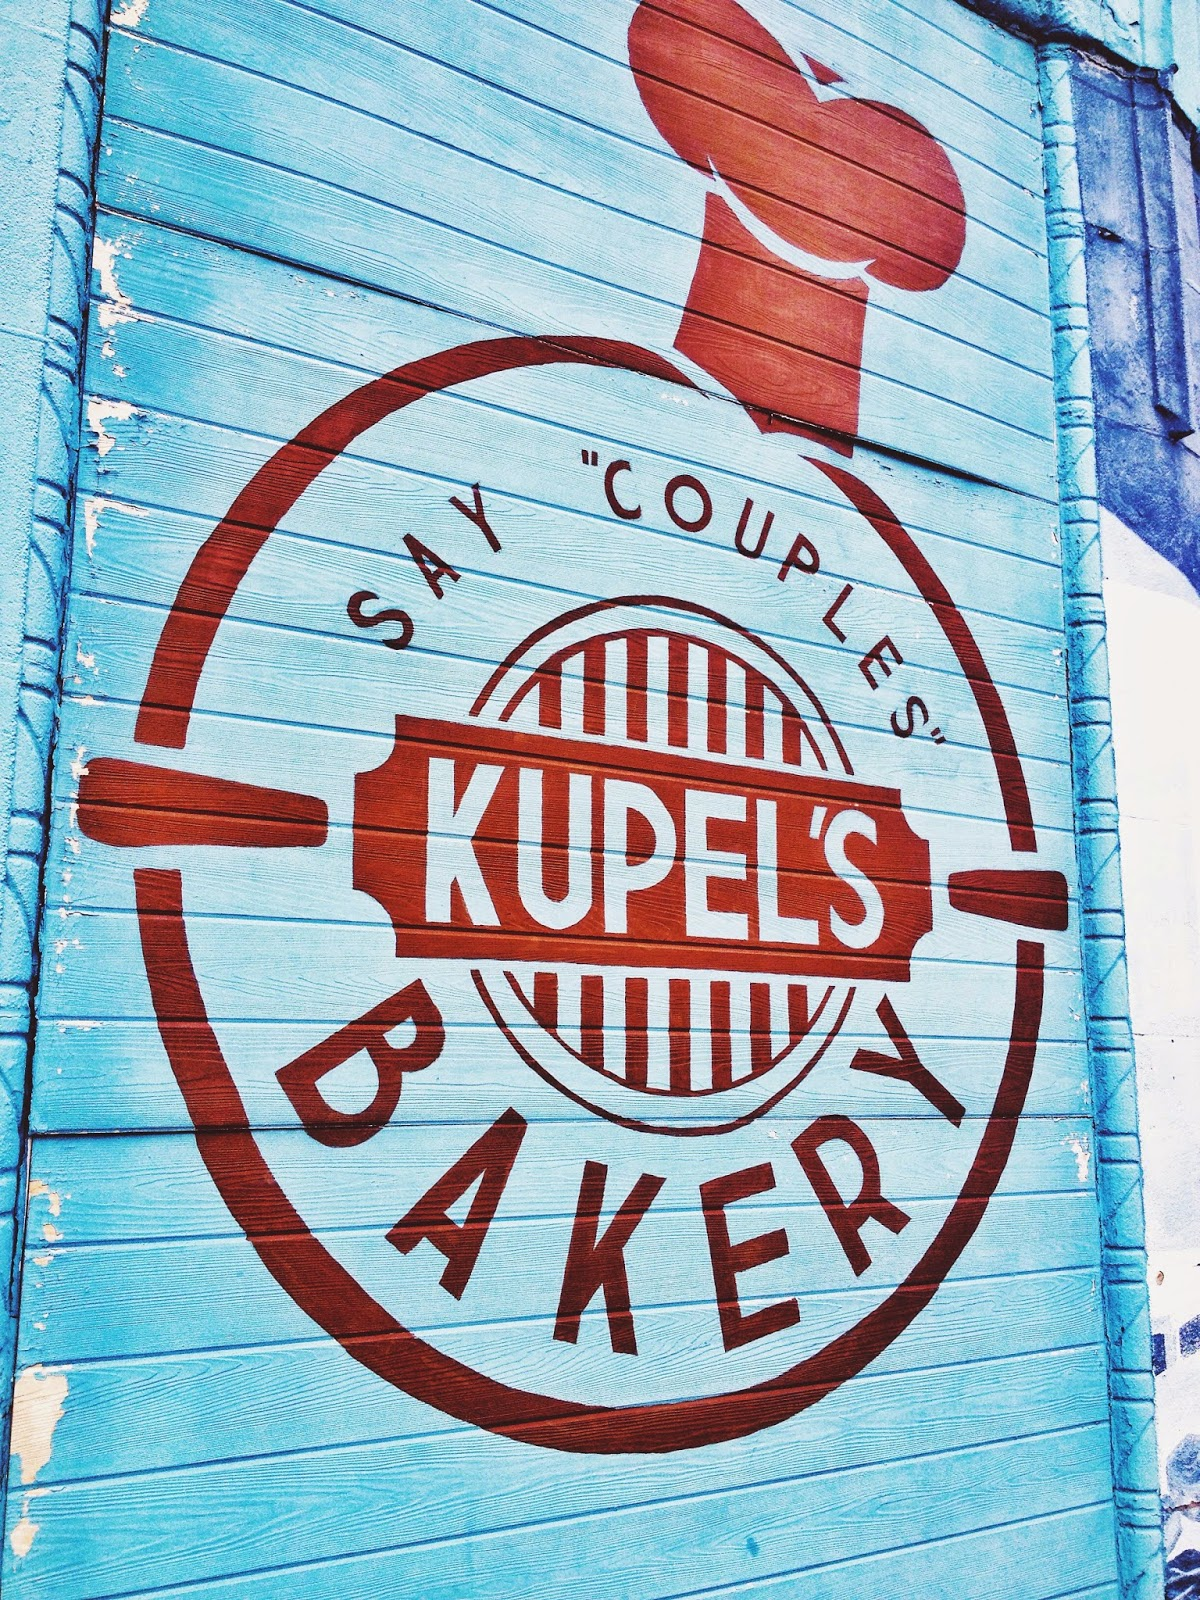 Kupels Bakery